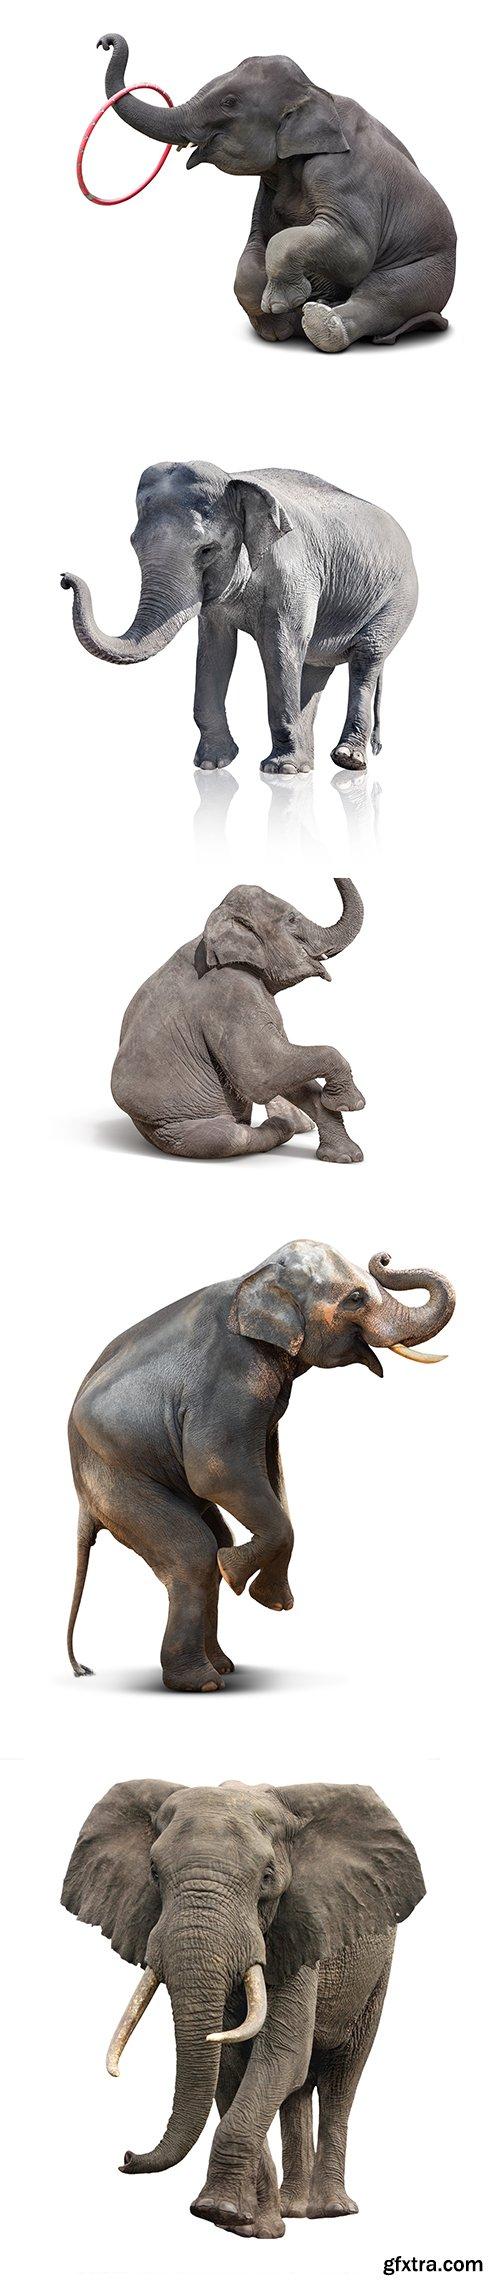 Elephant Isolated - 15xJPGs